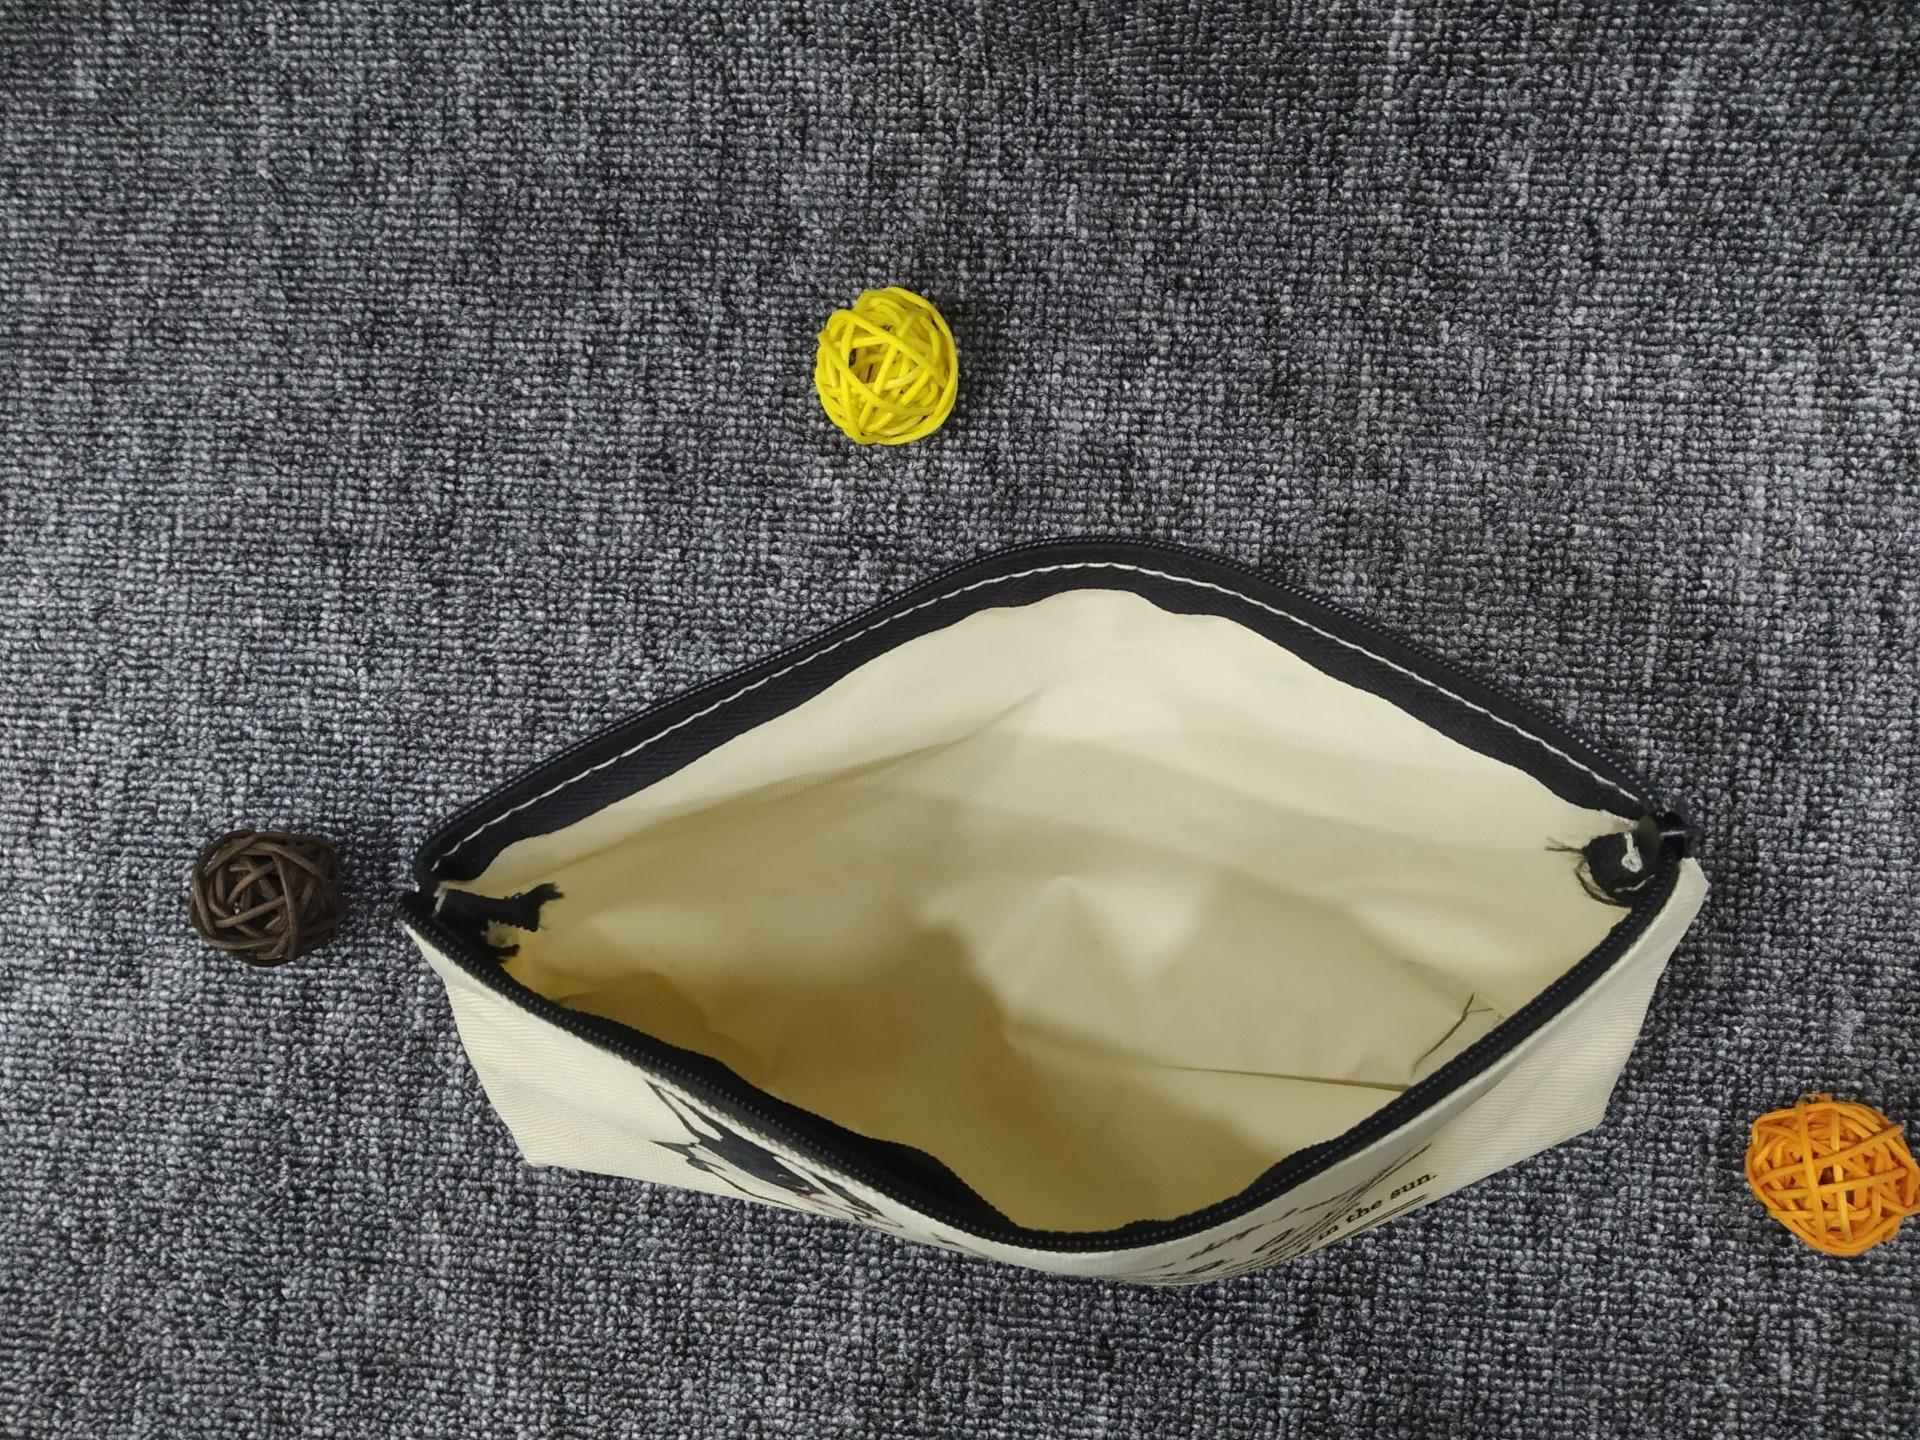 Túi đựng đồ trangđiểm số 9